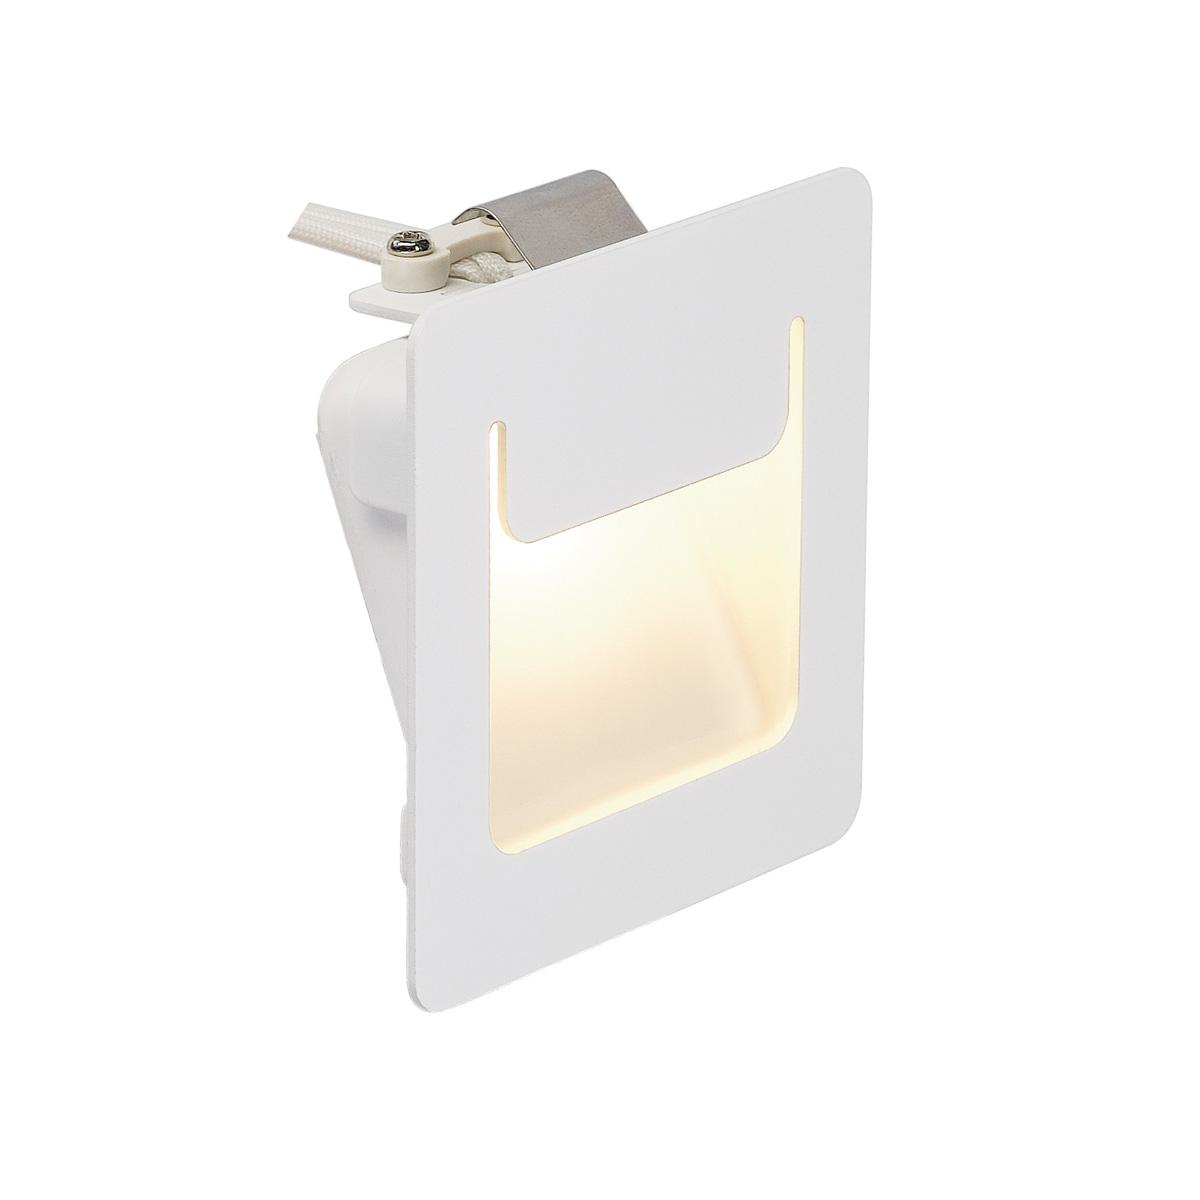 DOWNUNDER PUR Einbauleuchte, eckig, weiss, 3,6W LED, warm- weiss, 80x80mm